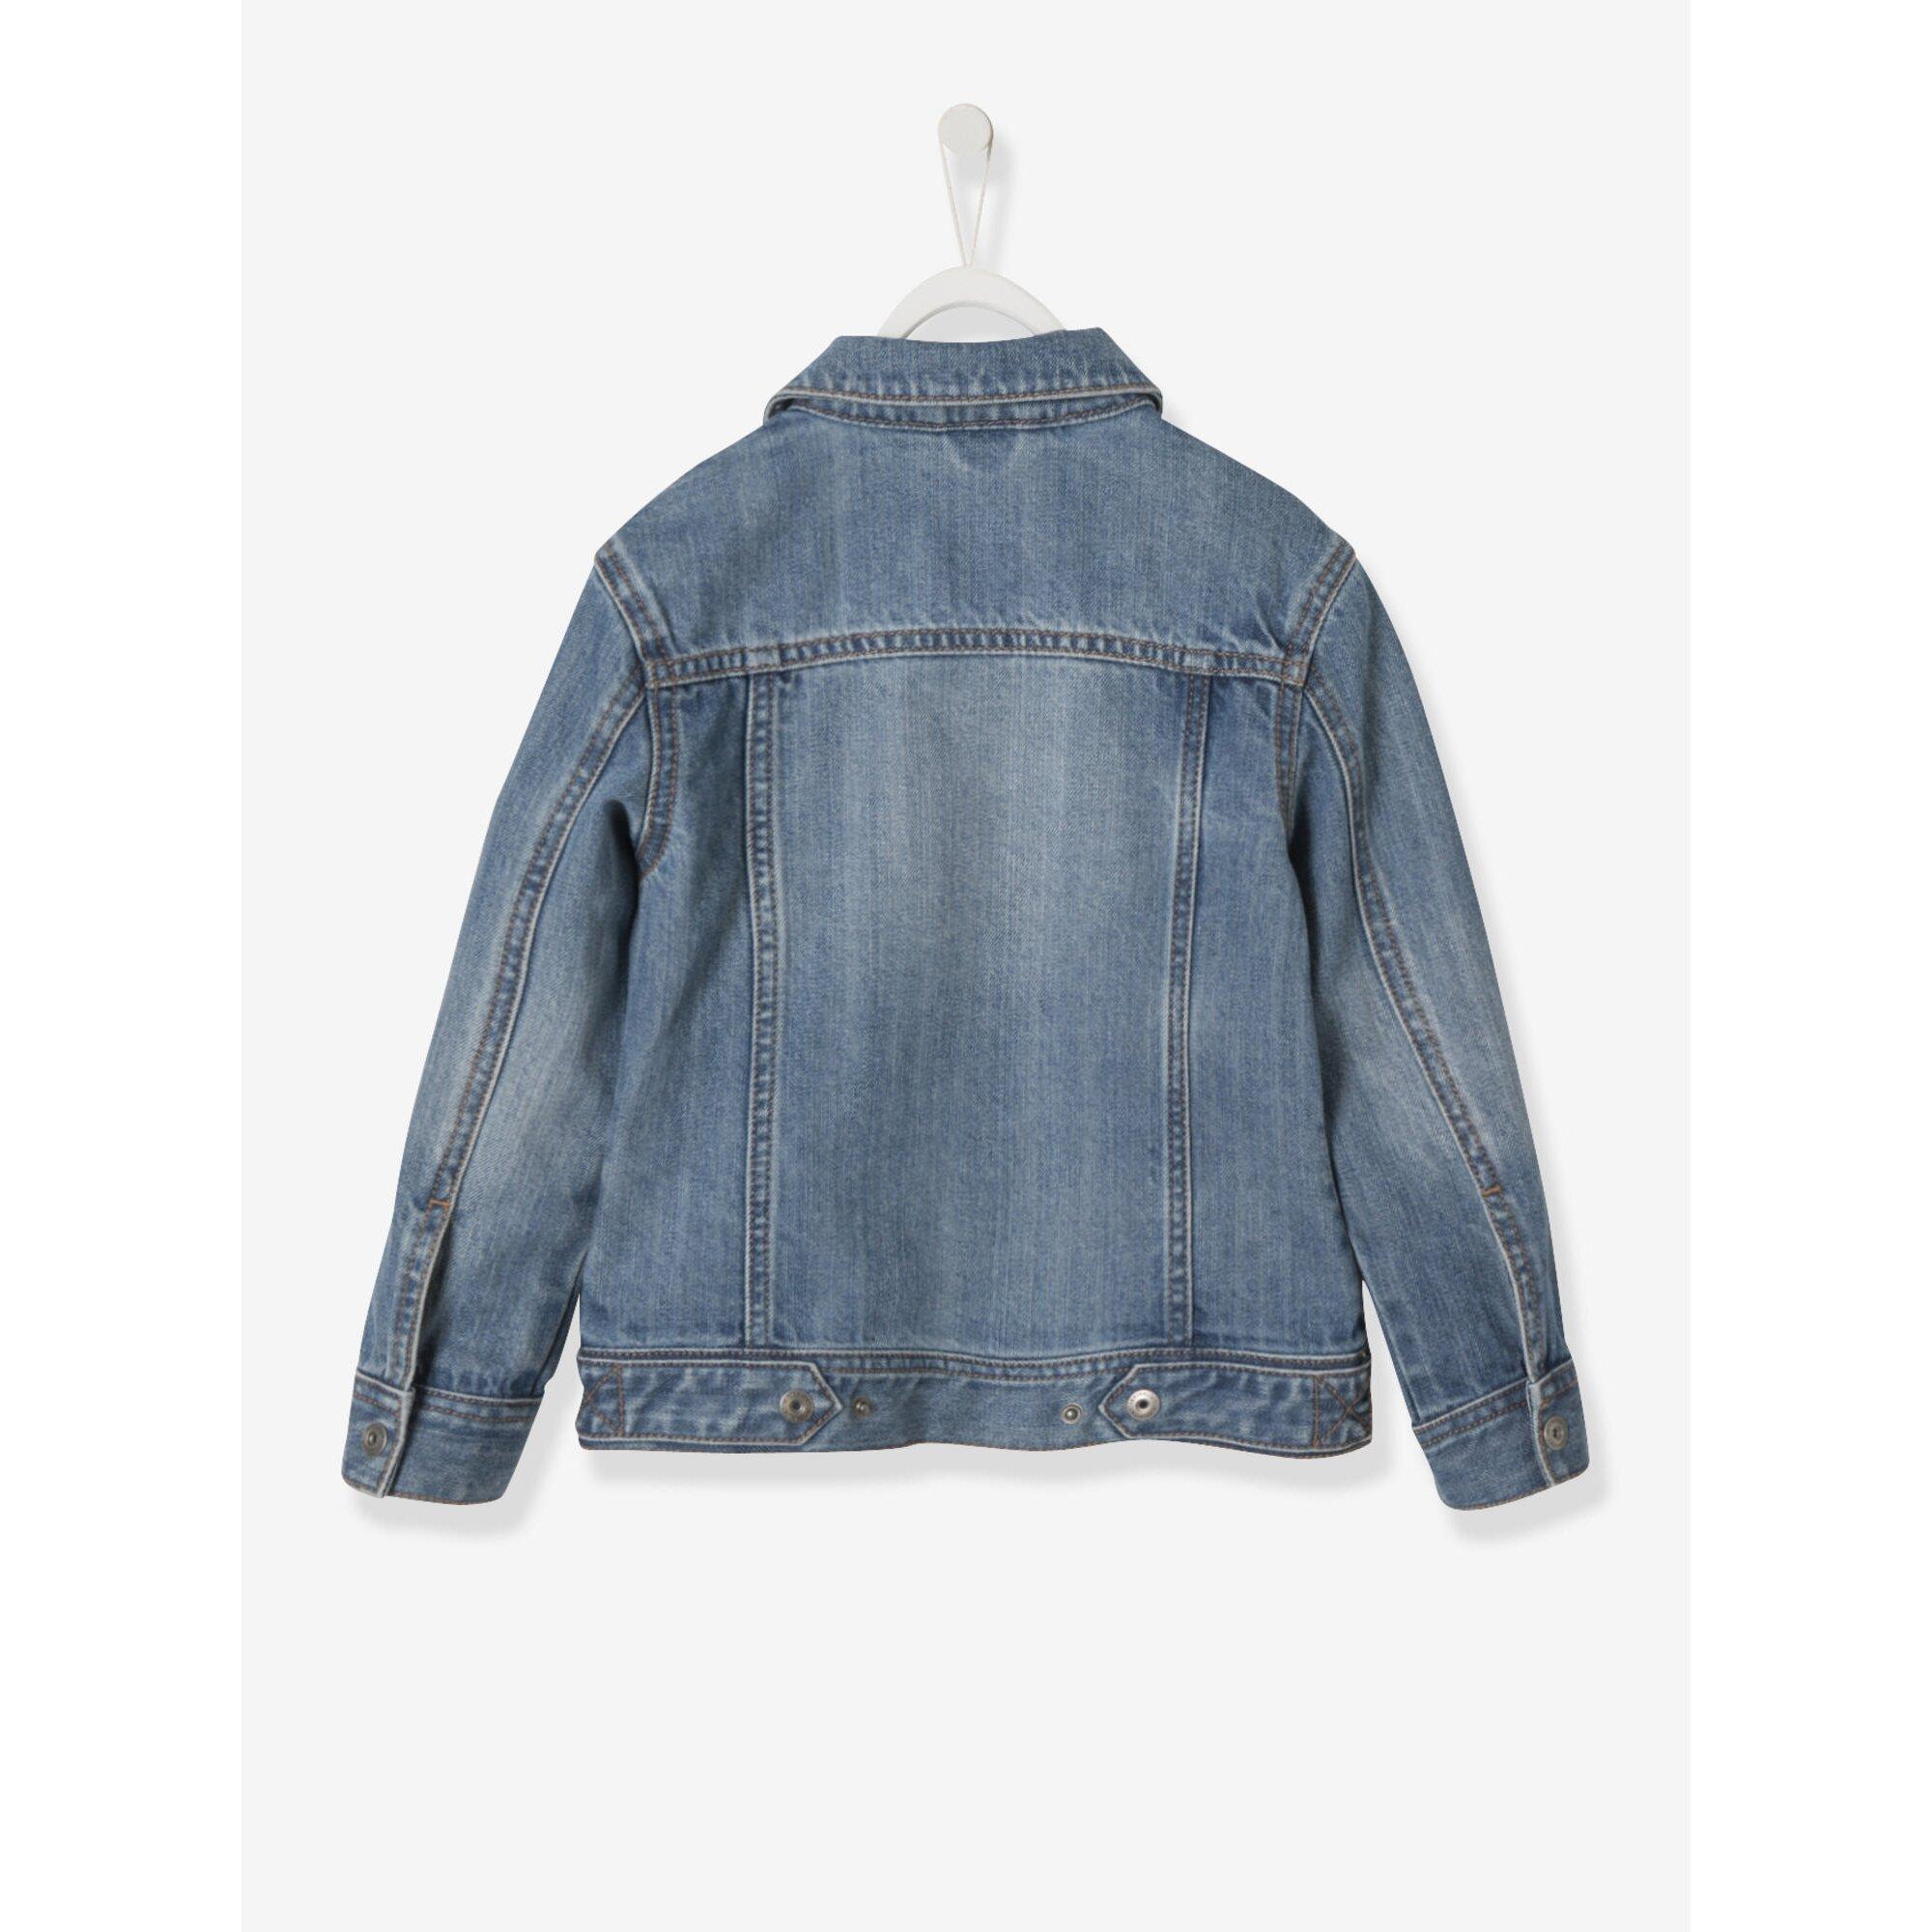 vertbaudet-jeansjacke-fur-jungen-washed-out-effekte, 18.19 EUR @ babywalz-de